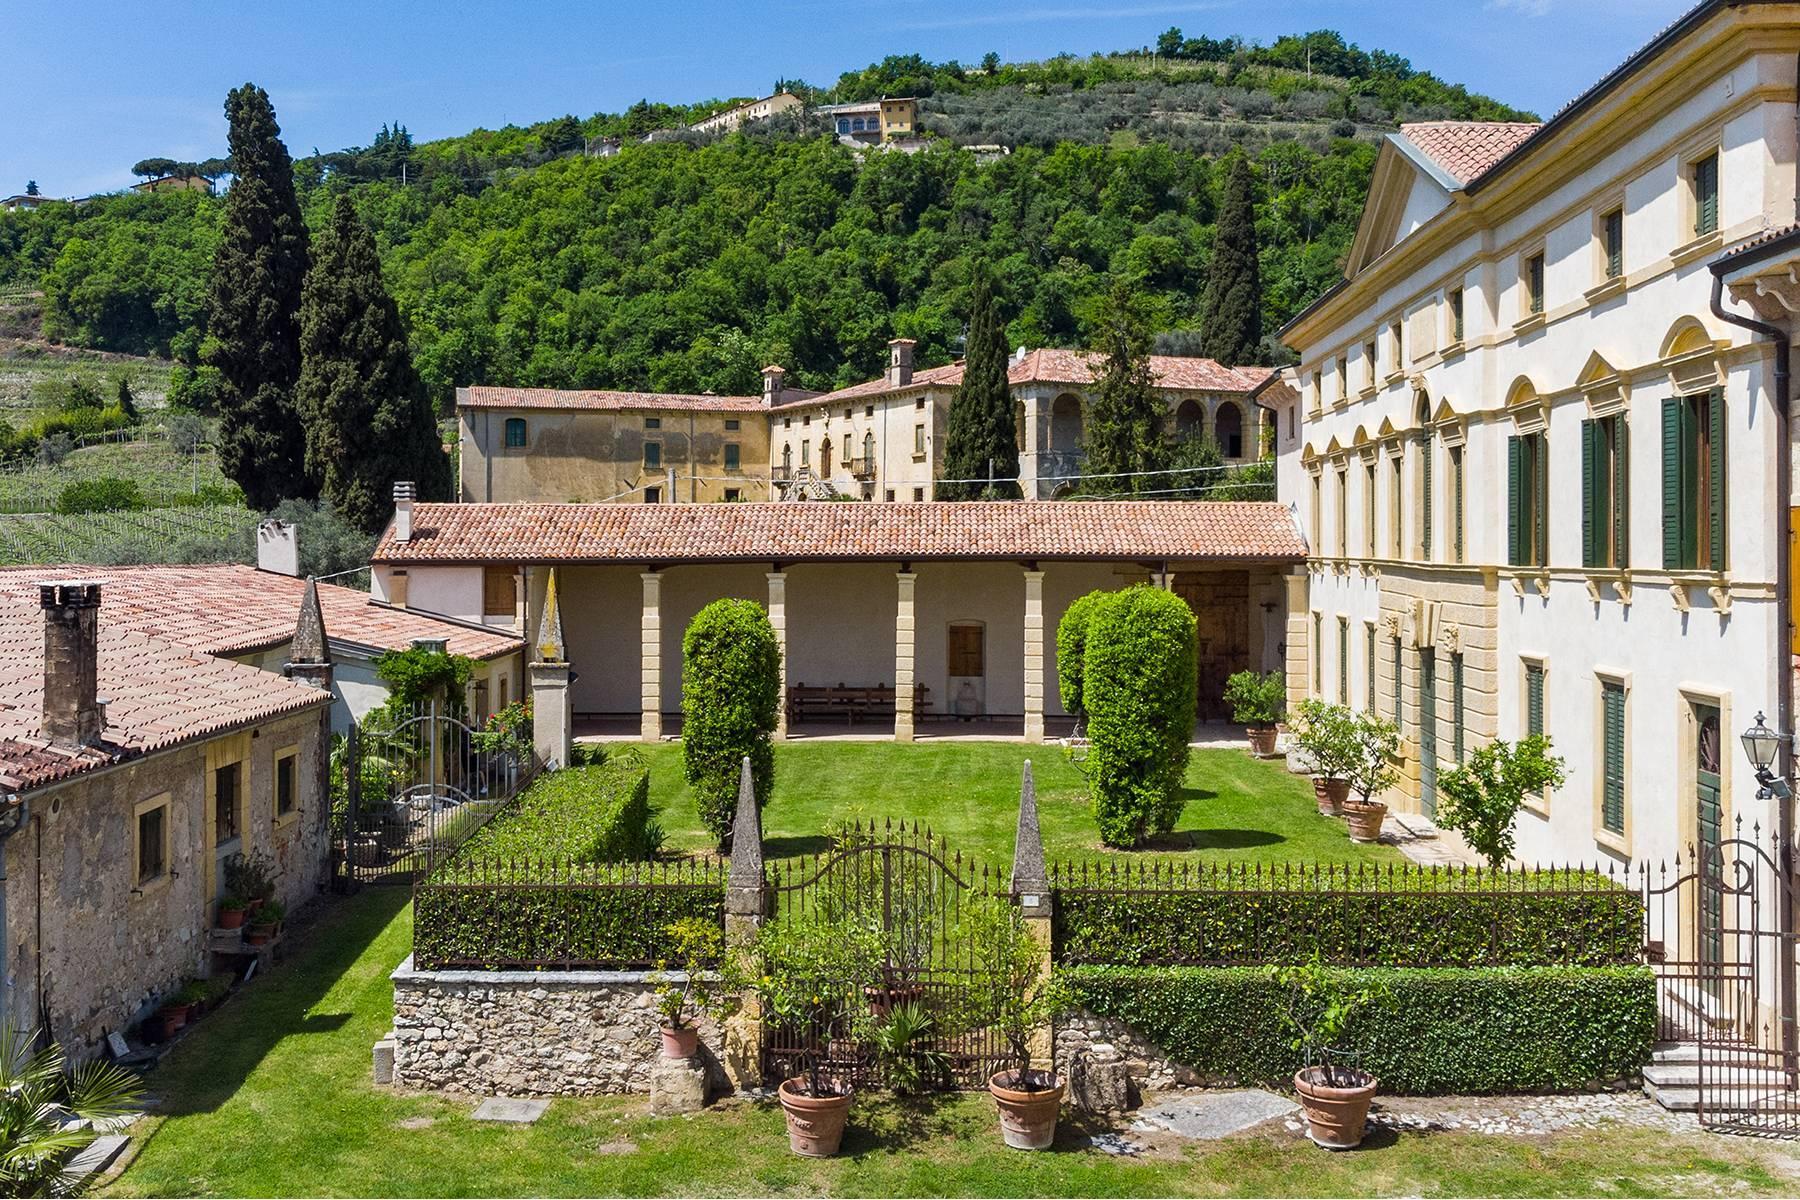 Historische Villa mit Park und prächtigem alten Keller, umgeben von Weinbergen - 40